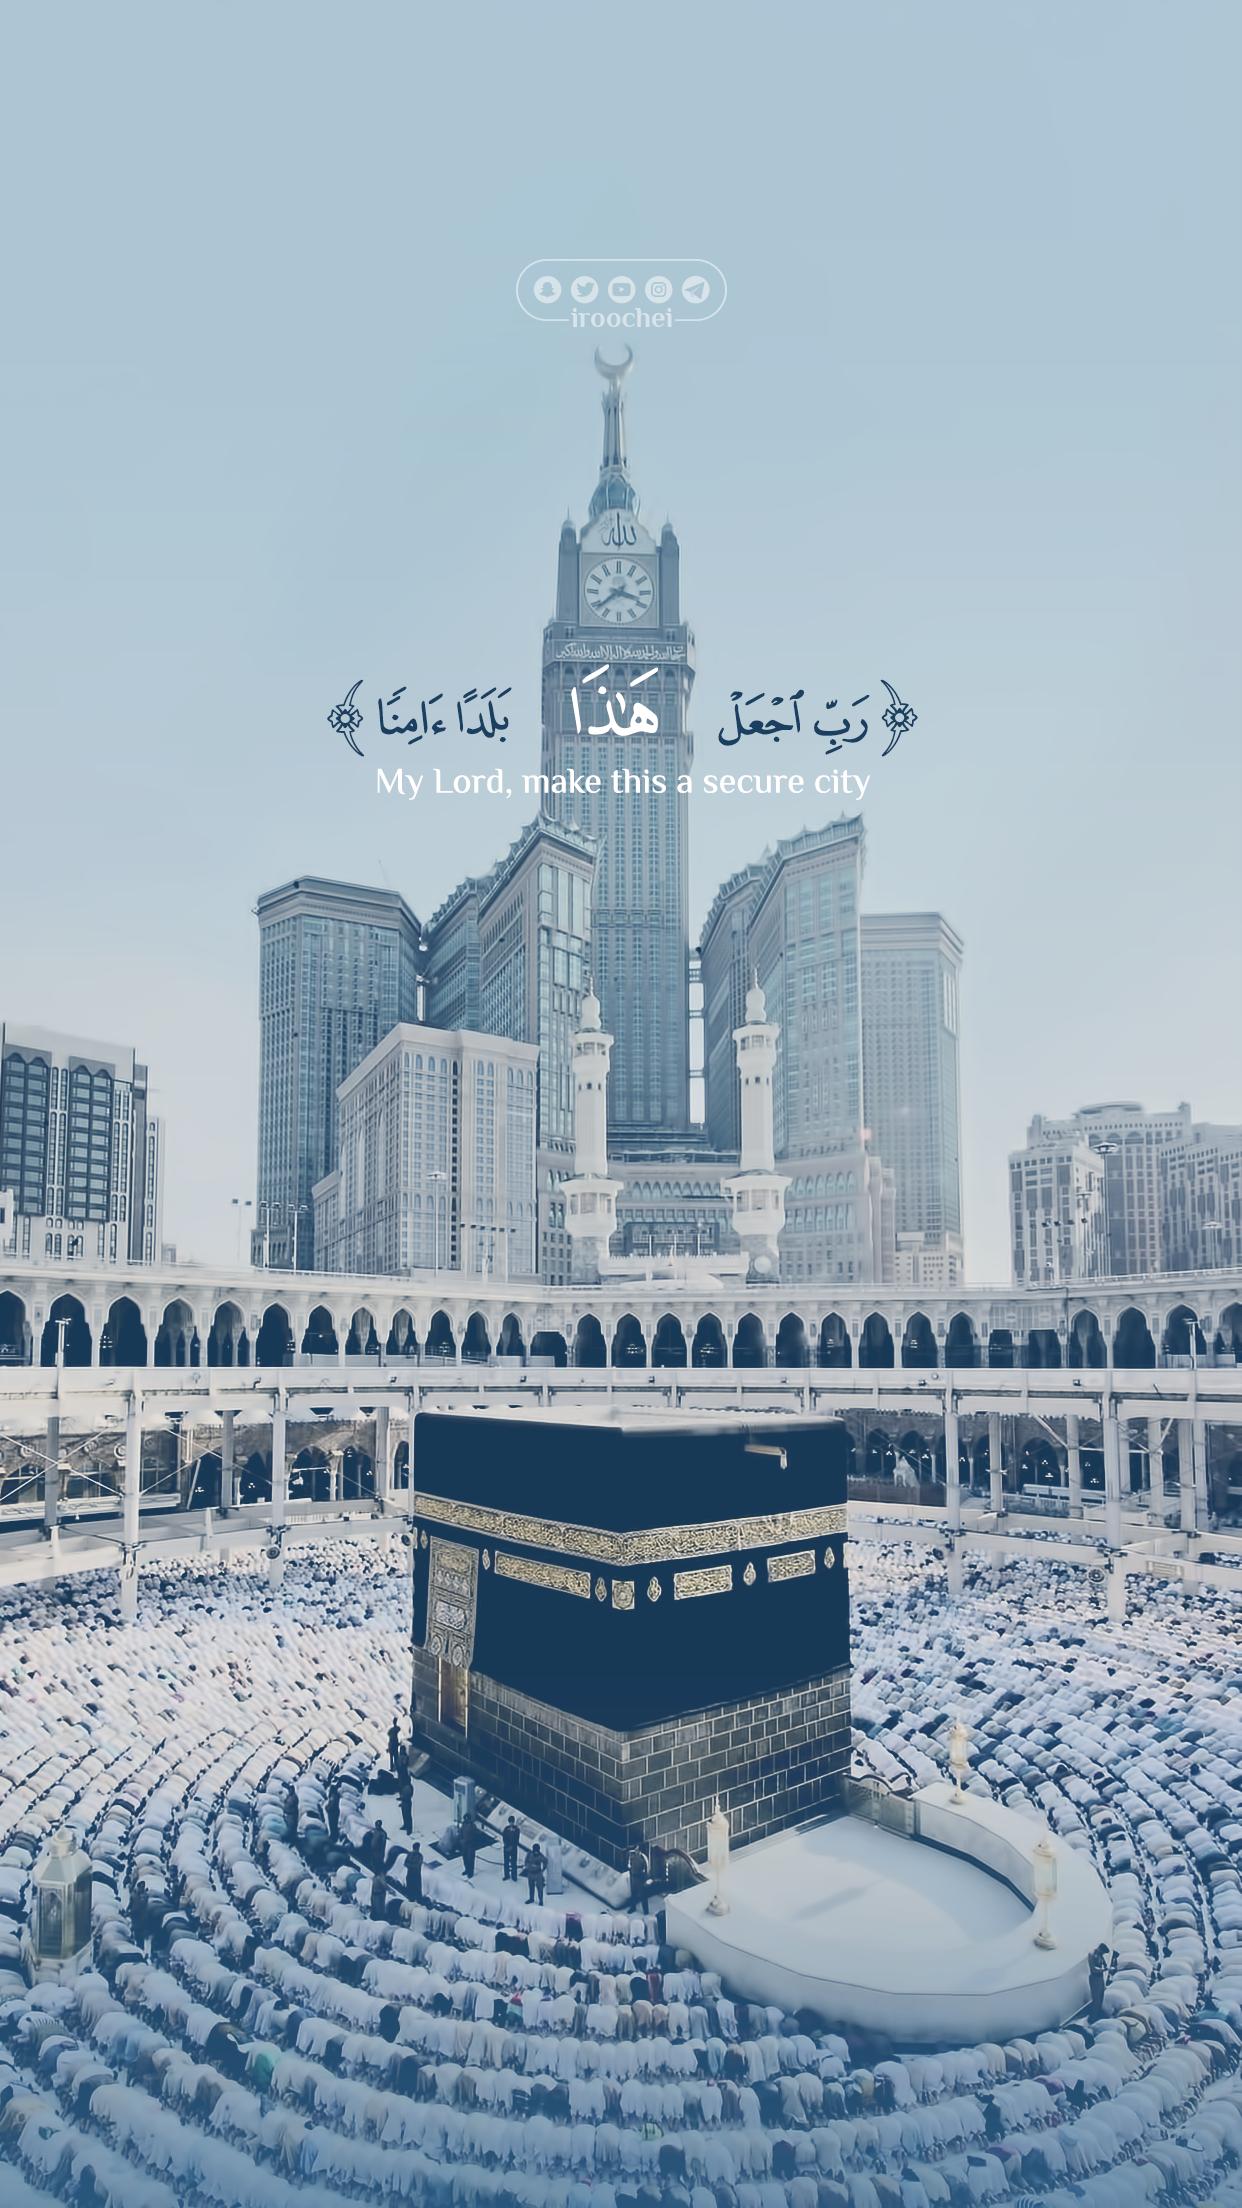 رب اجعل هذا بلد ا آمنا In 2020 Islamic Quotes Wallpaper Mecca Wallpaper Quran Quotes